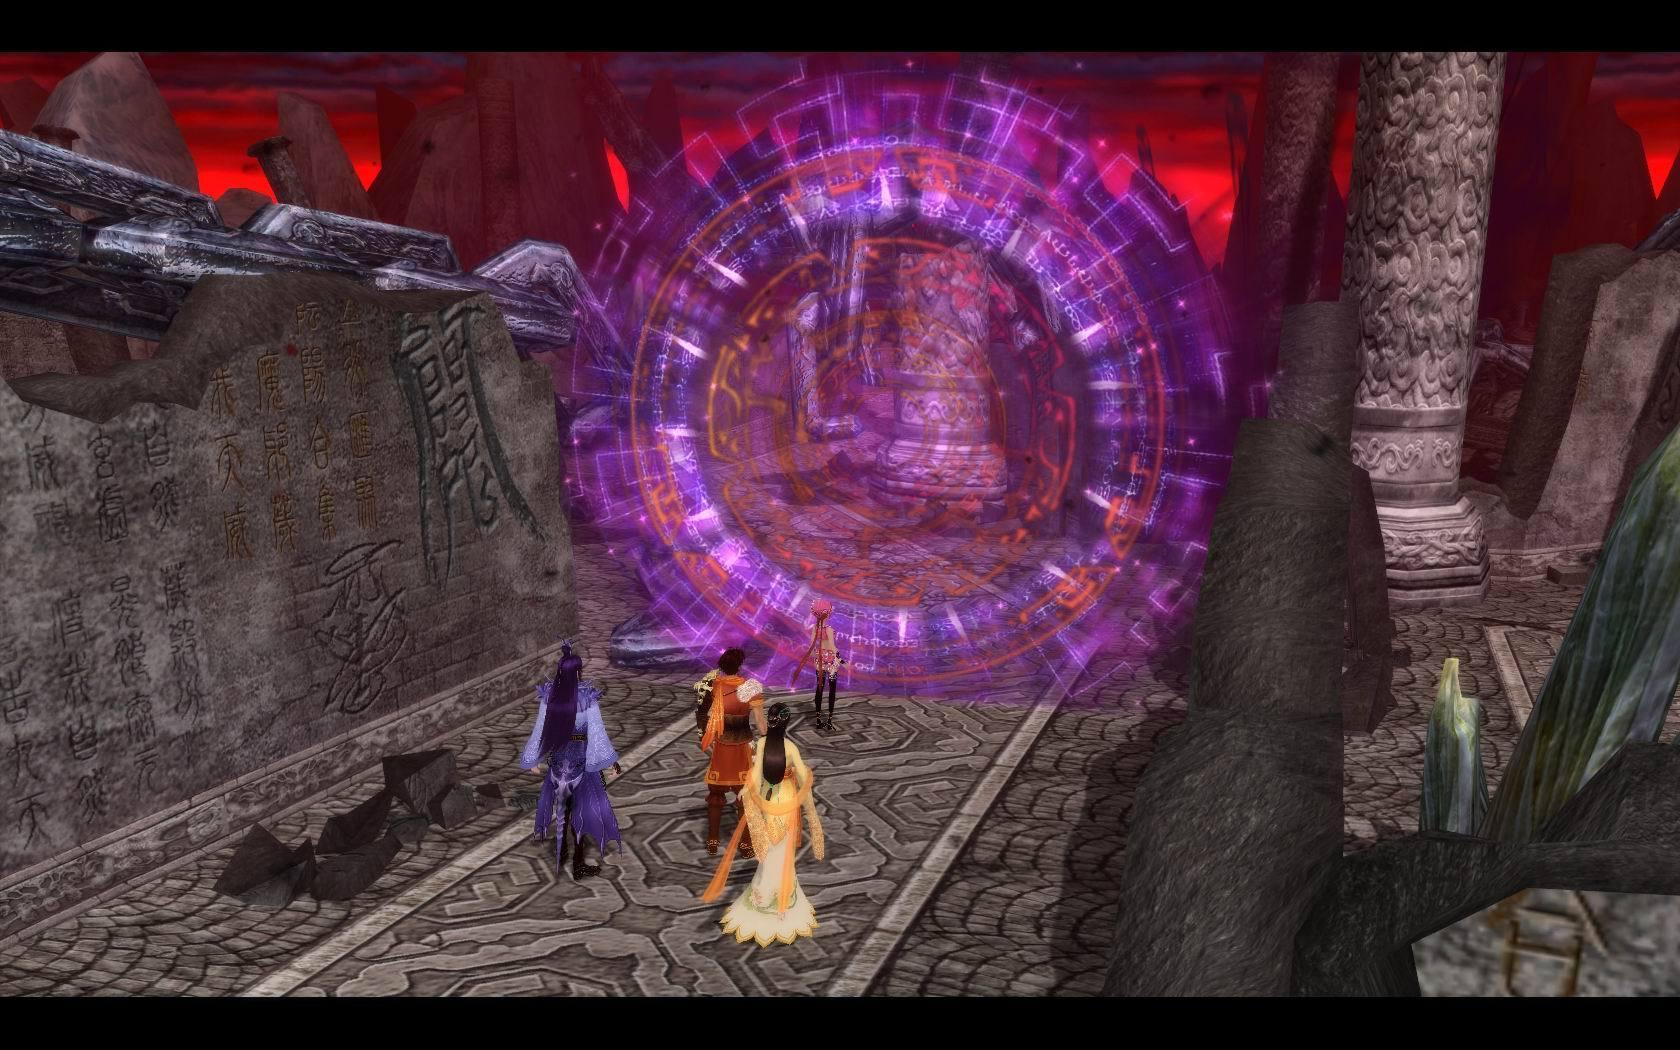 《仙劍奇俠傳5》圖文攻略第七部分_游戲攻略_單機游戲0_新浪游戲_新浪網